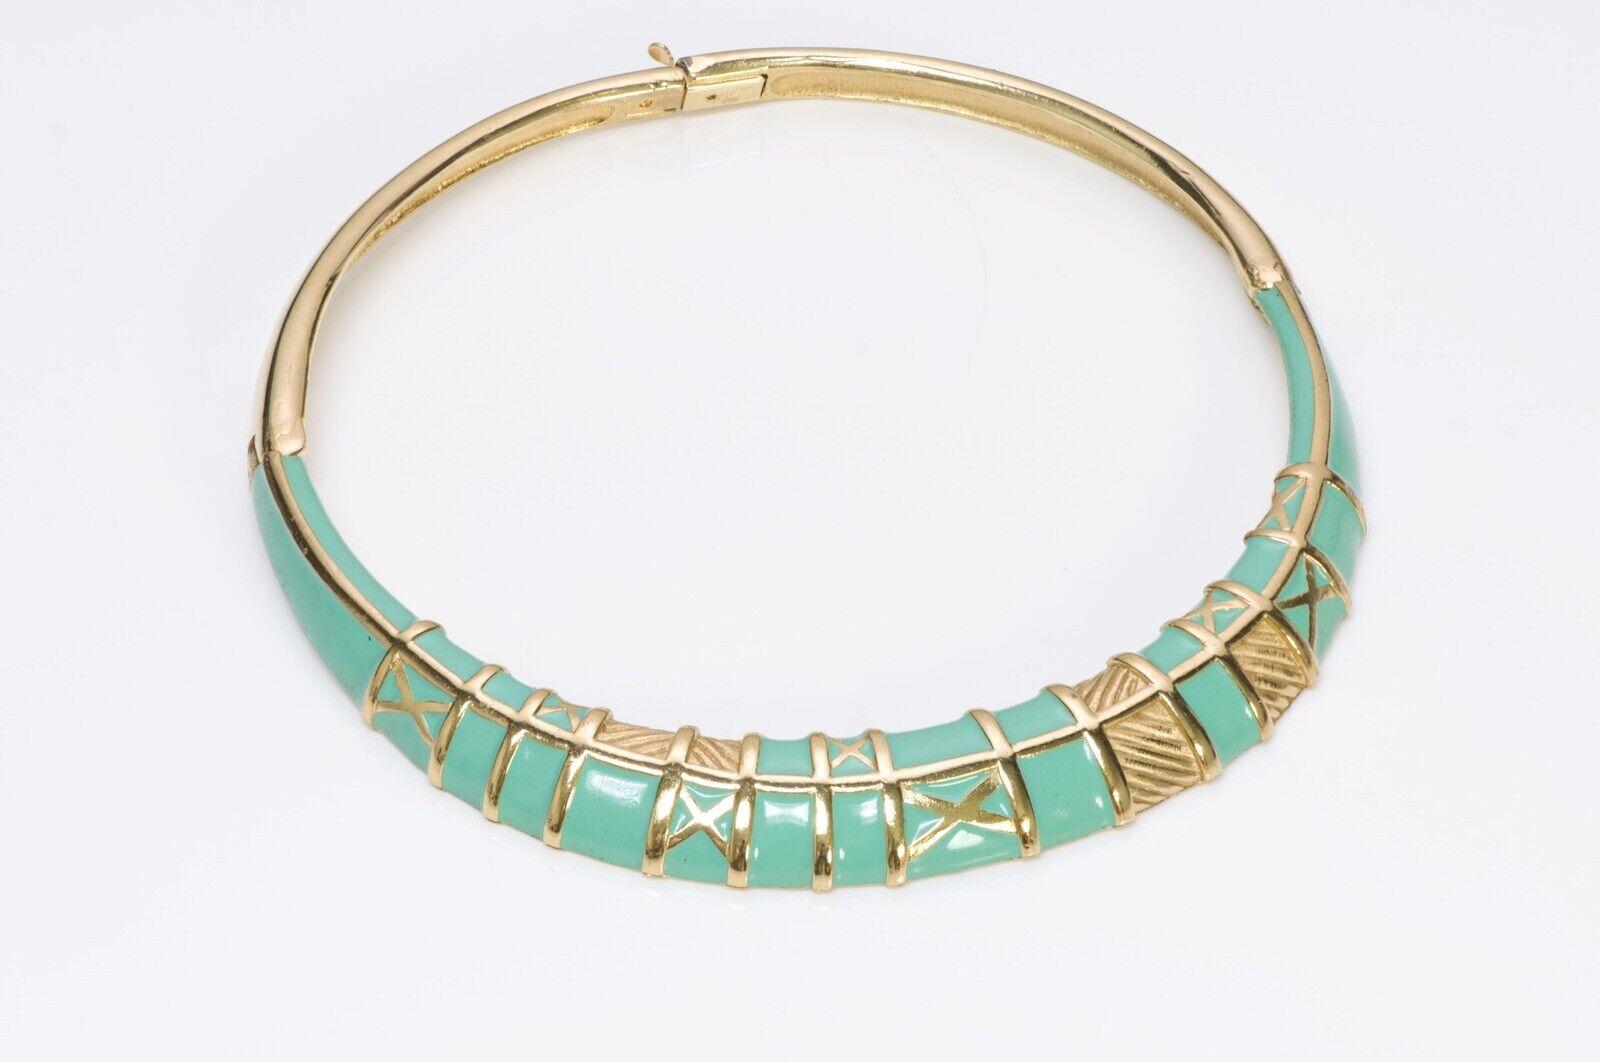 LANVIN Paris 1970's Green Enamel Choker Necklace - image 2